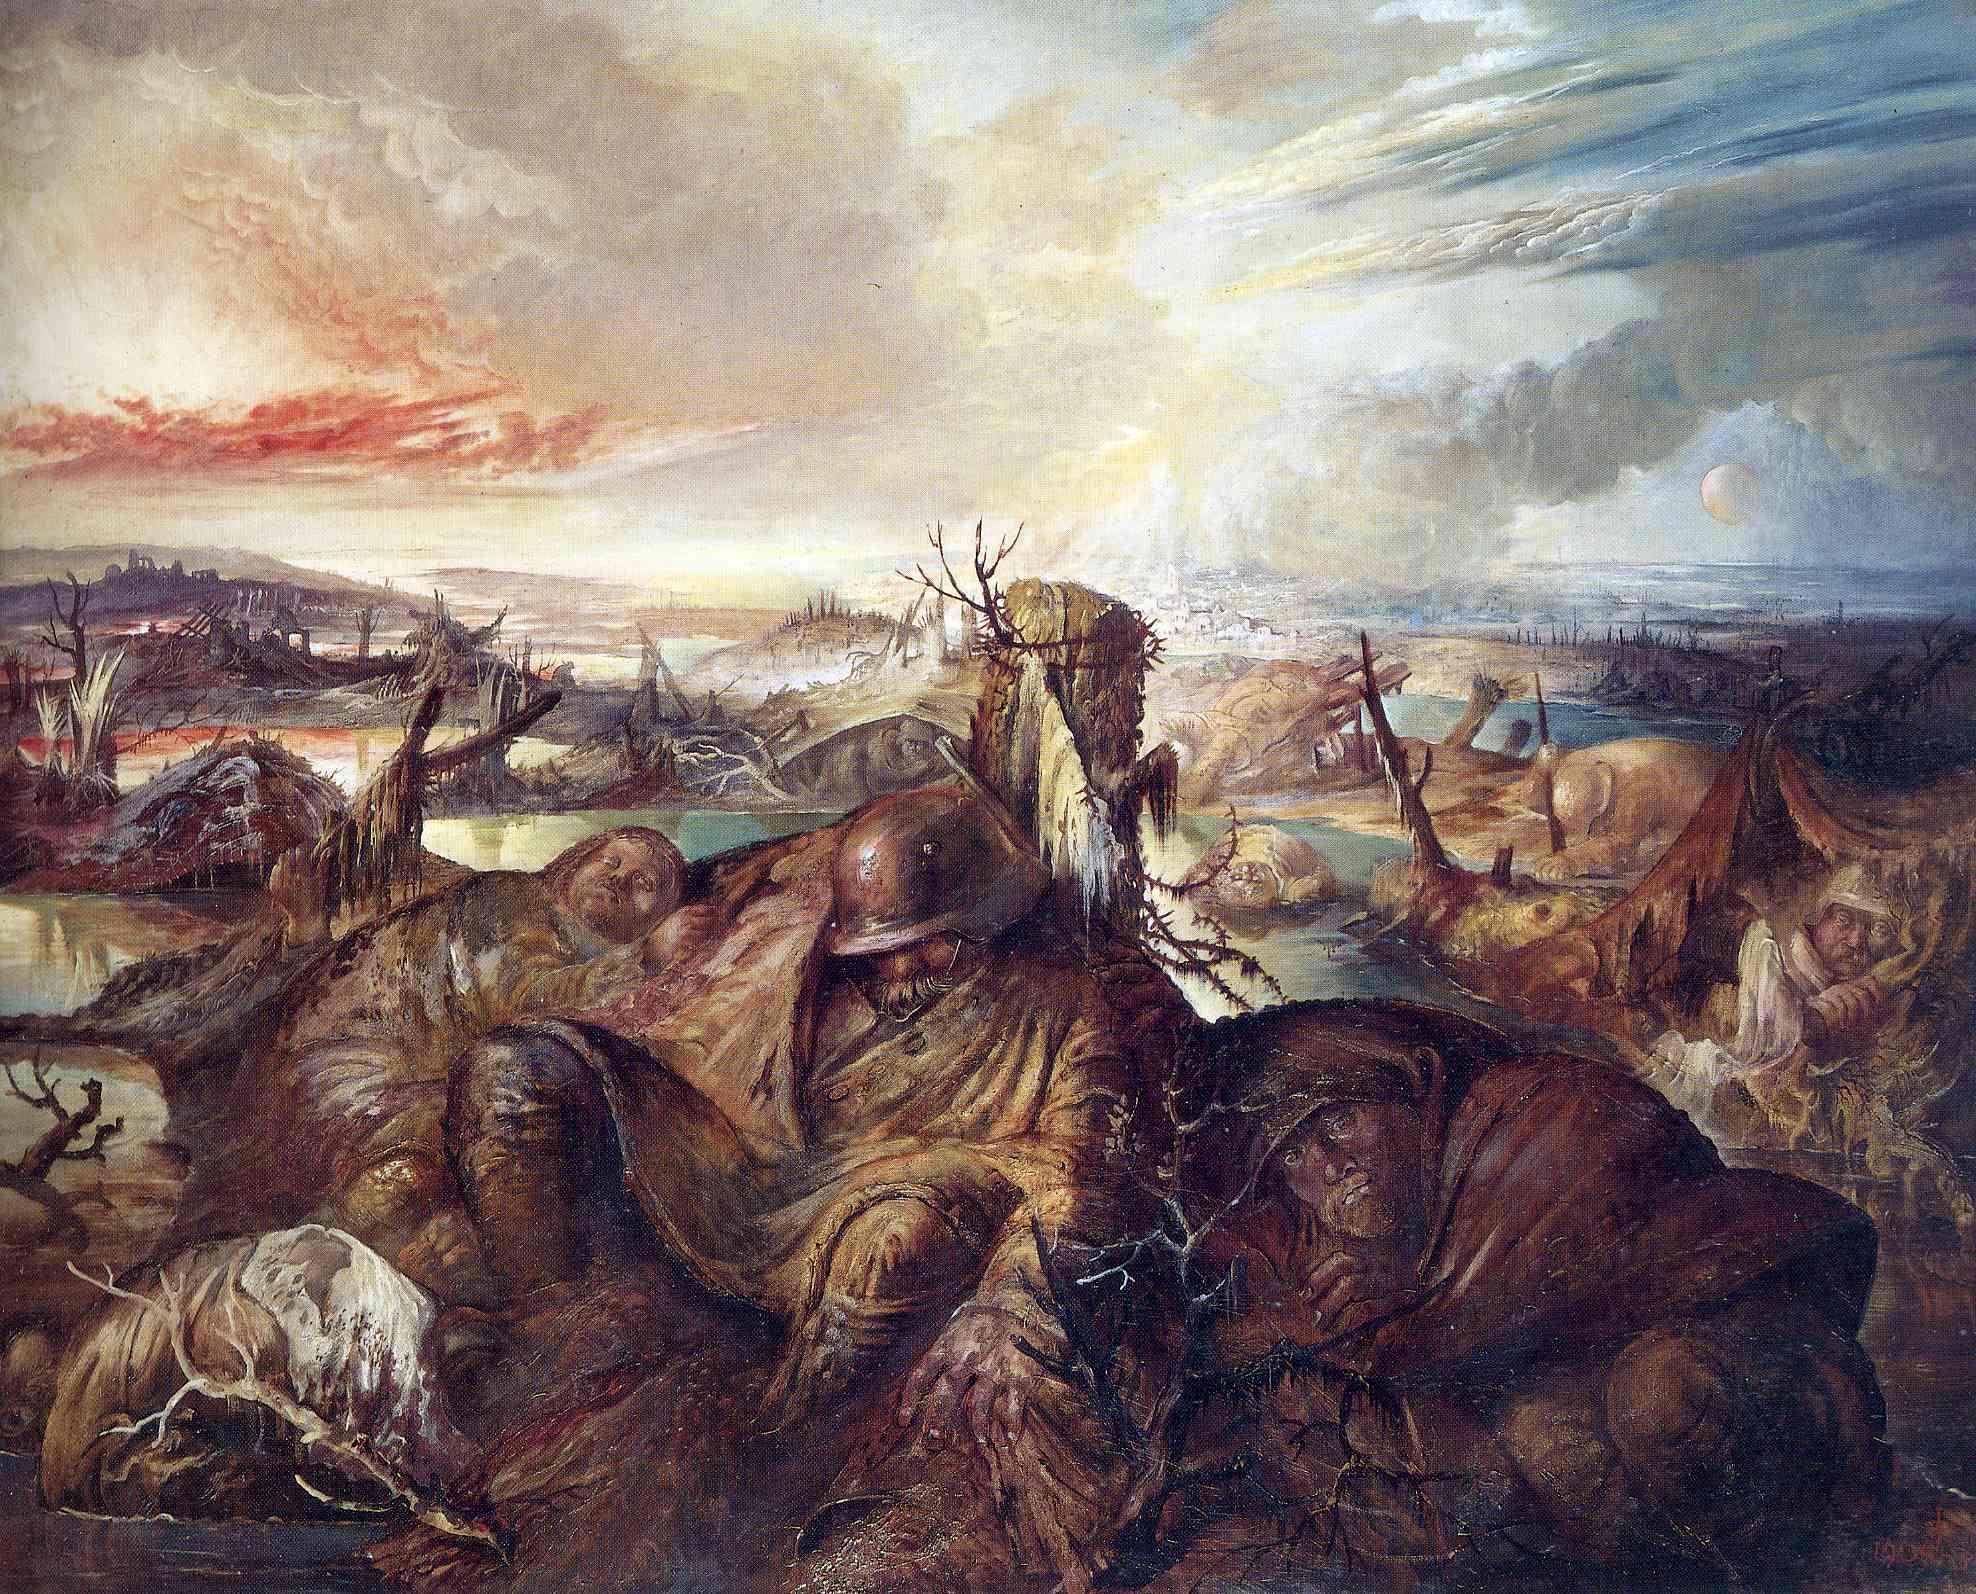 Pinturas de Guerra. - Página 4 Flanders